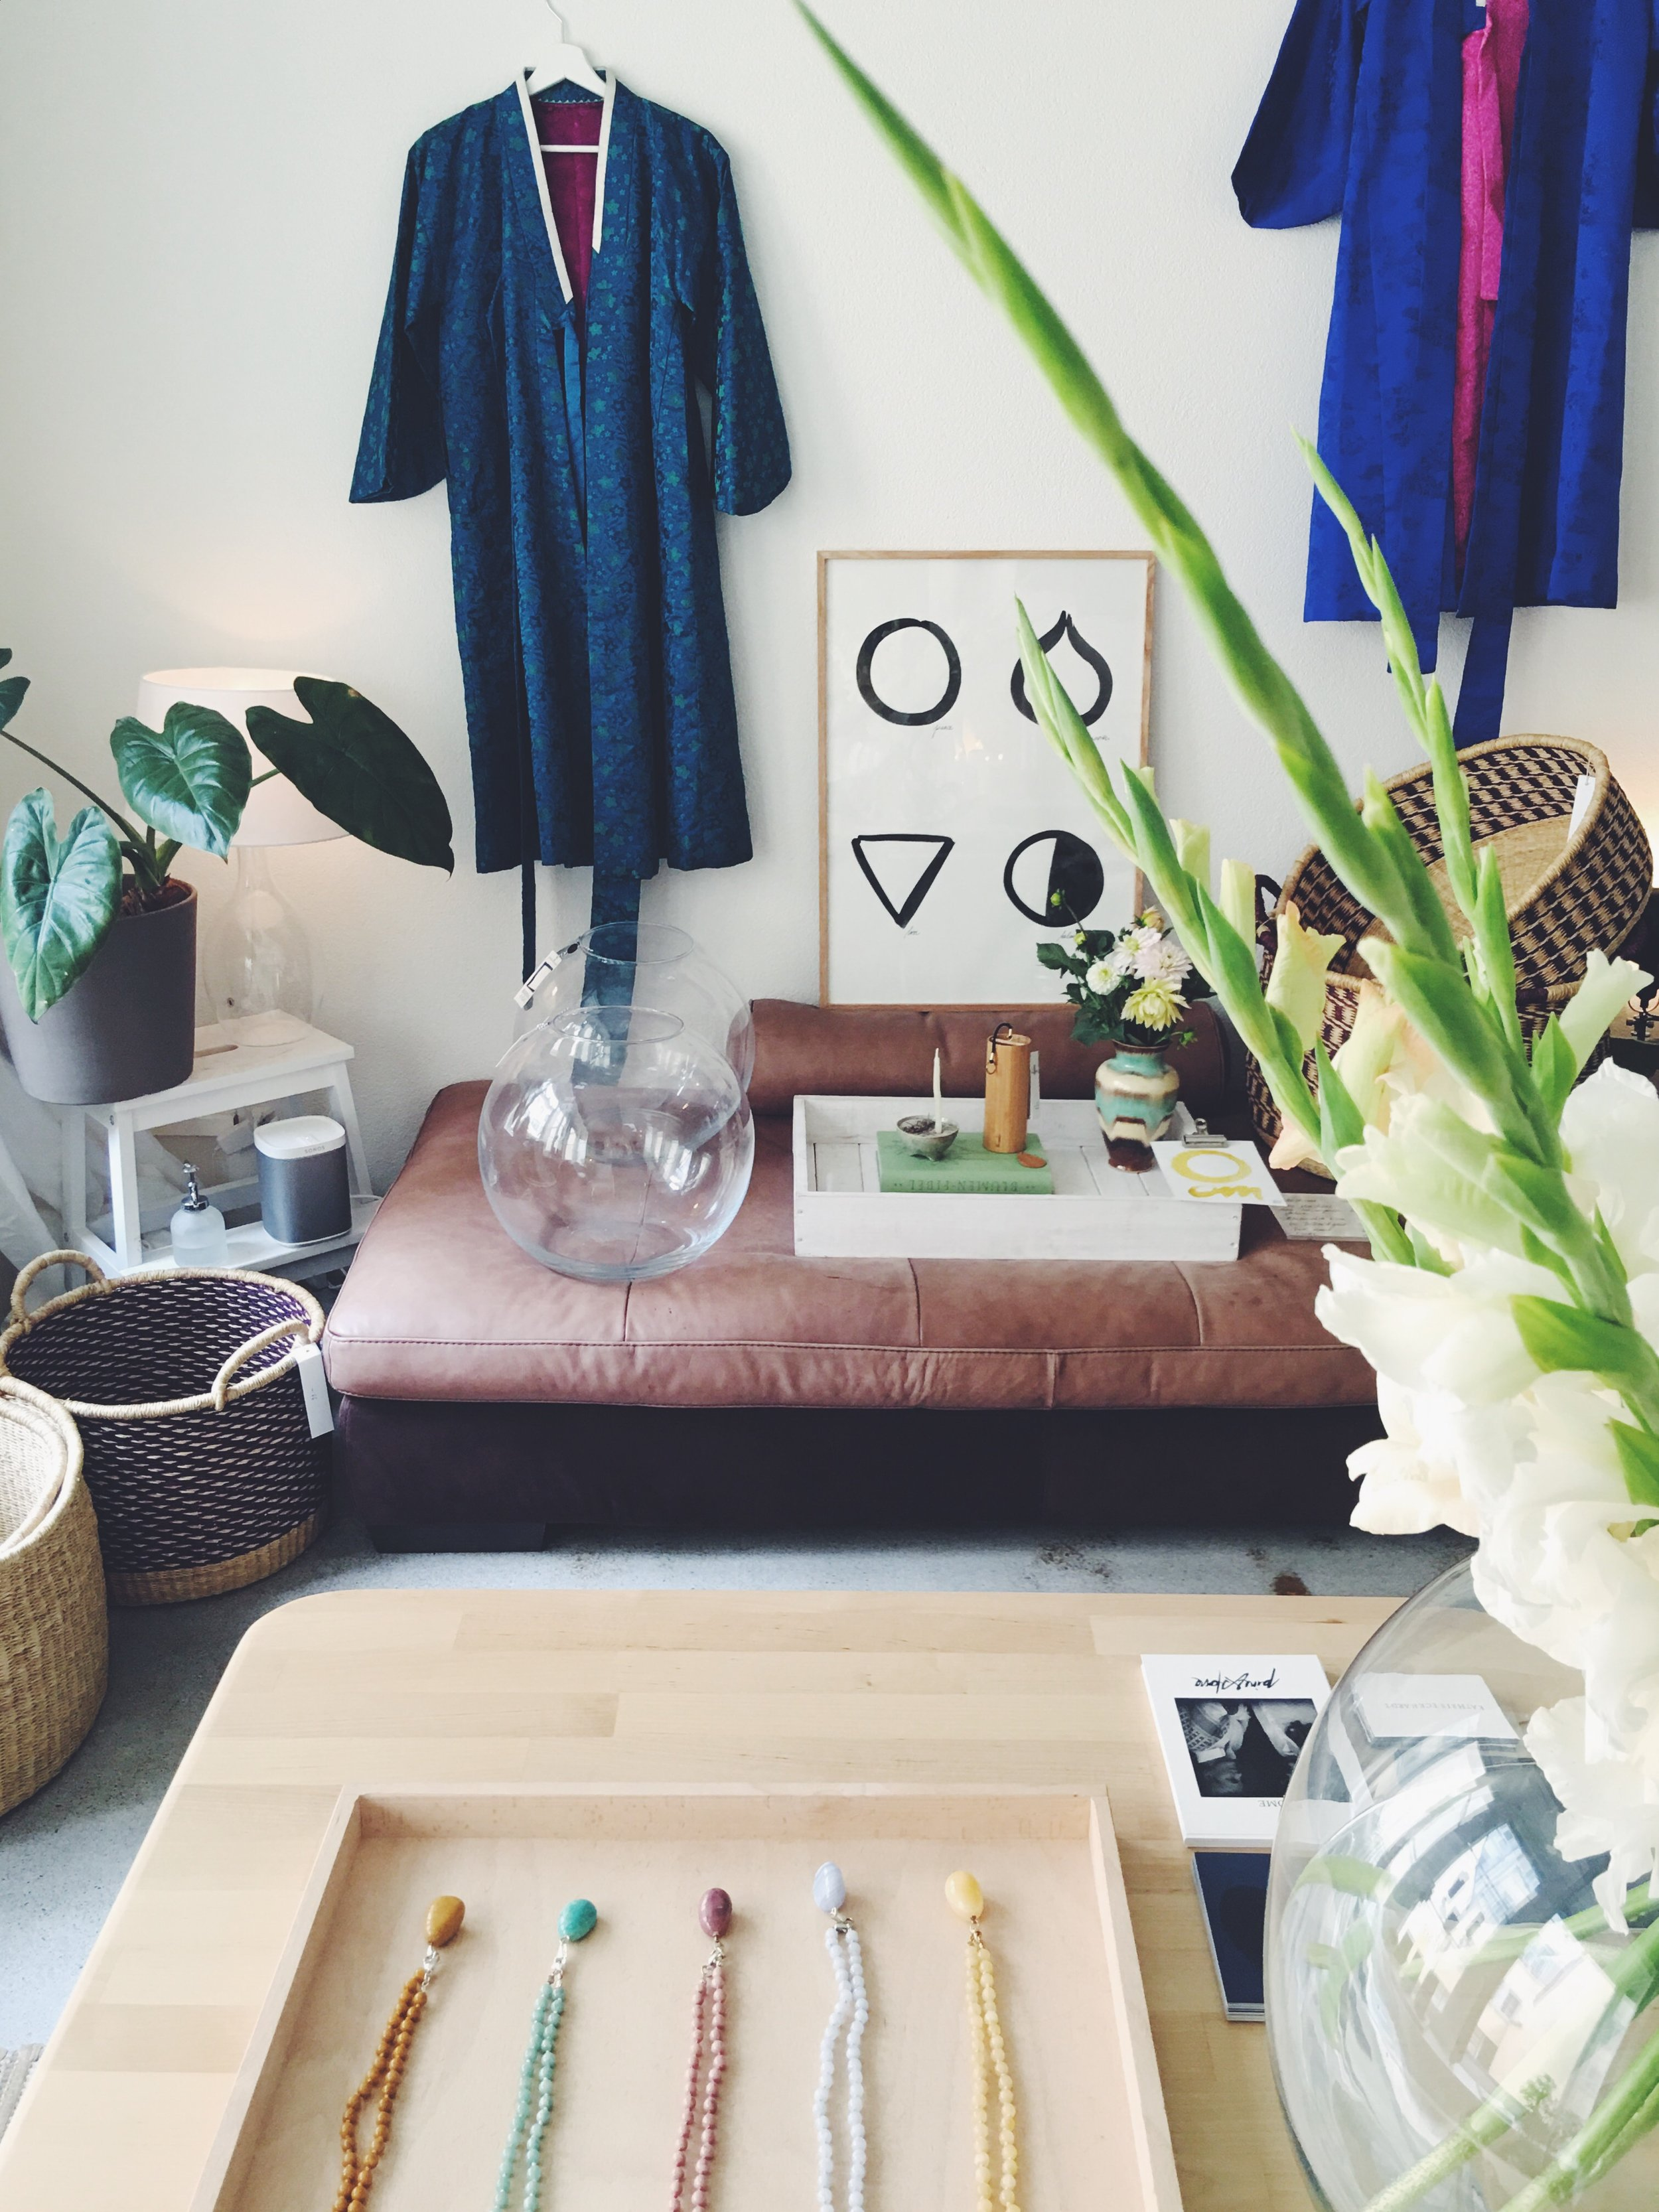 Lionheart charms, Vintage Coats , bowls Burninglights, baskets Kathrin Eckhardt